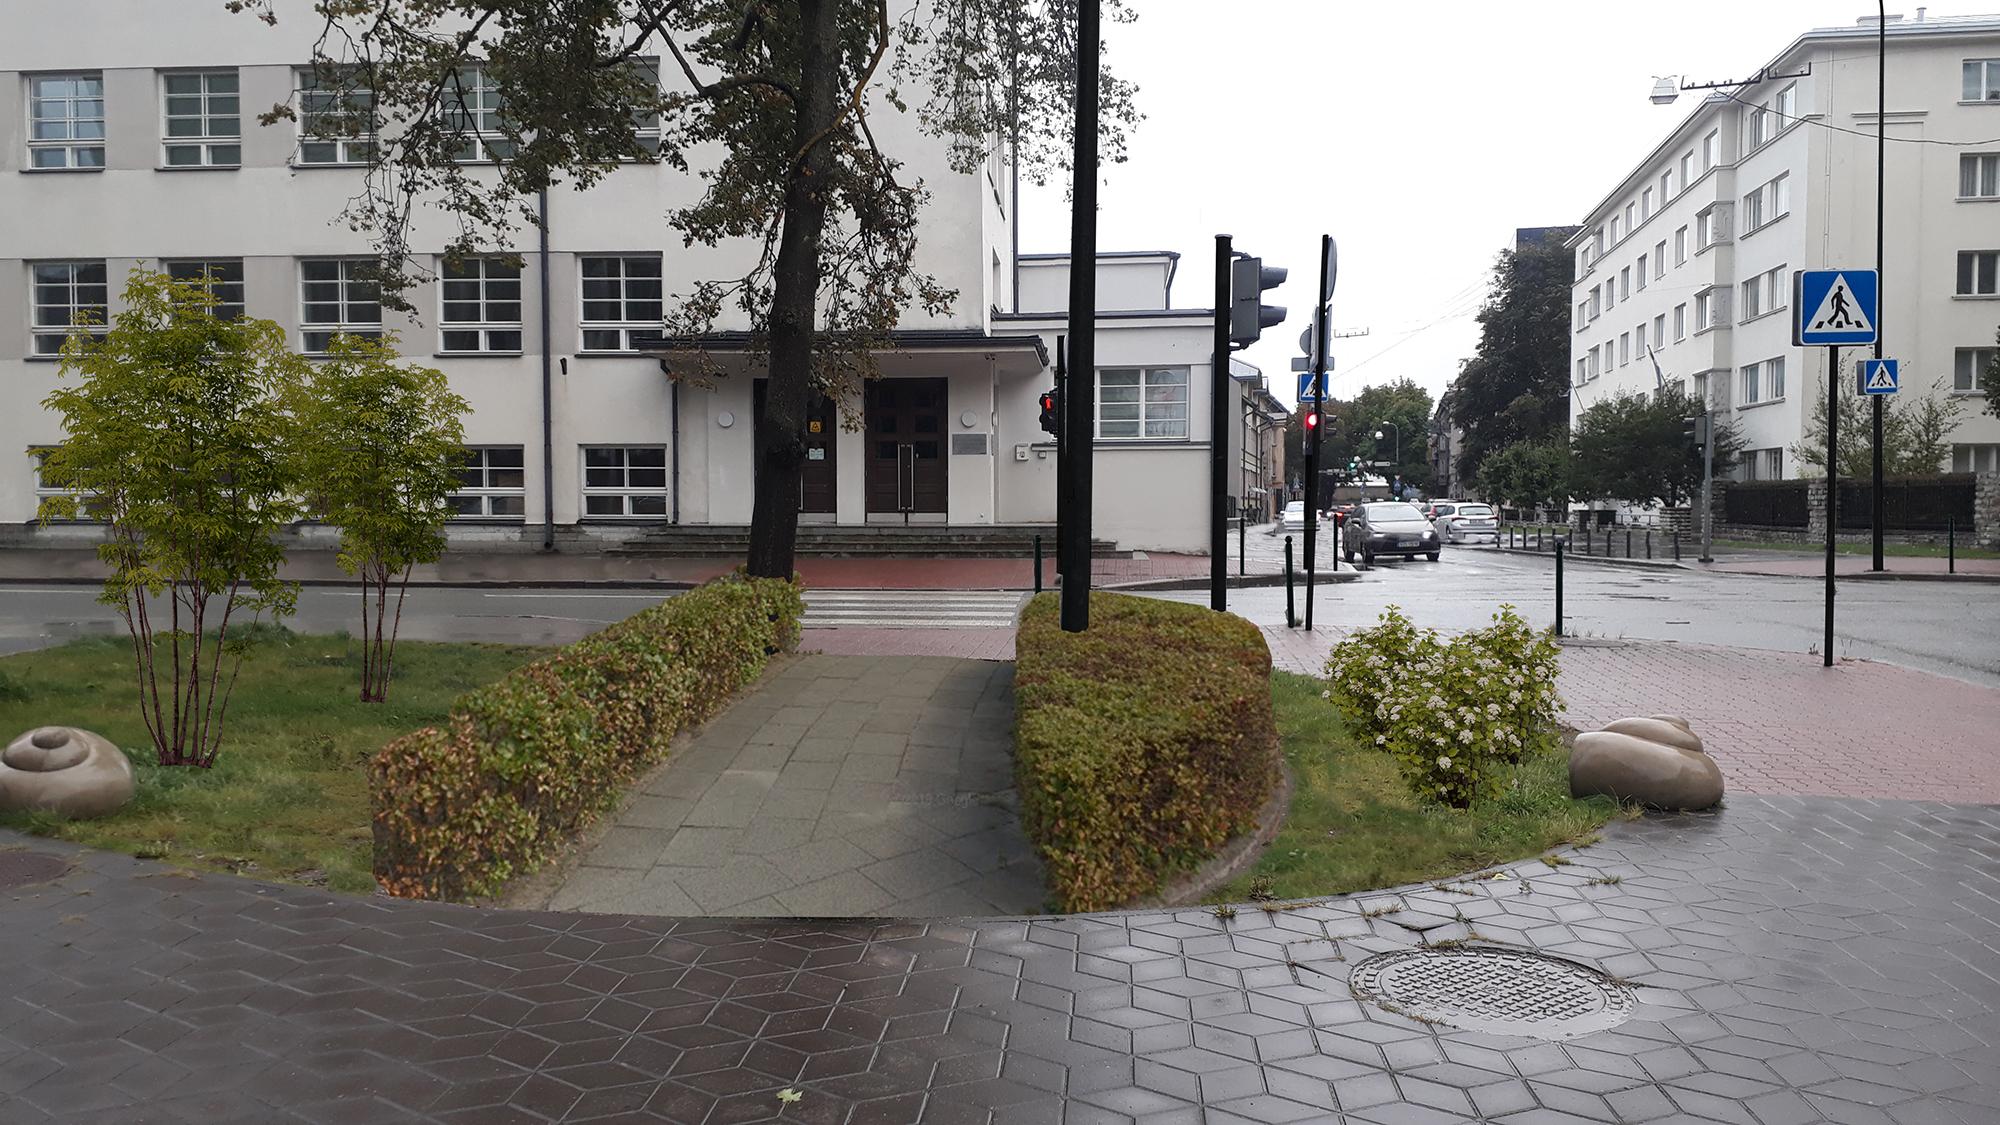 Kunderi ja Kreutzwaldi tänava ristmik. Kõrval asub Hiltoni hotell ja ees Tallinna Kesklinna Vene Gümnaasium. Autodele disainitud keskkond, mille kiiret läbimist turvab kole toruporno. Ohutuse tagamiseks tuleb piirata kiirust kooli ees vähemalt 30 km/h. Poste on siin liiga palju, mitmed neist on ka arusaamatult suure mõõduga. Väärika keskkonna loomisele aitab kaasa värvitud postide kasutamine. Planeerijal on puudunud elementaarne arusaam jala kõndimise loogikast. Aastatega sissetallatud trajektoori pole suudetud ka hiljem plaatida, kuigi ainuüksi Hiltoni eksklusiivsus justkui nõuaks seda. Lisaks on siin ju ideaalne ruum haljastuseks. Huvitav, miks seda ei ole lisatud. Pildid ja kommentaar: mitte_tallinn